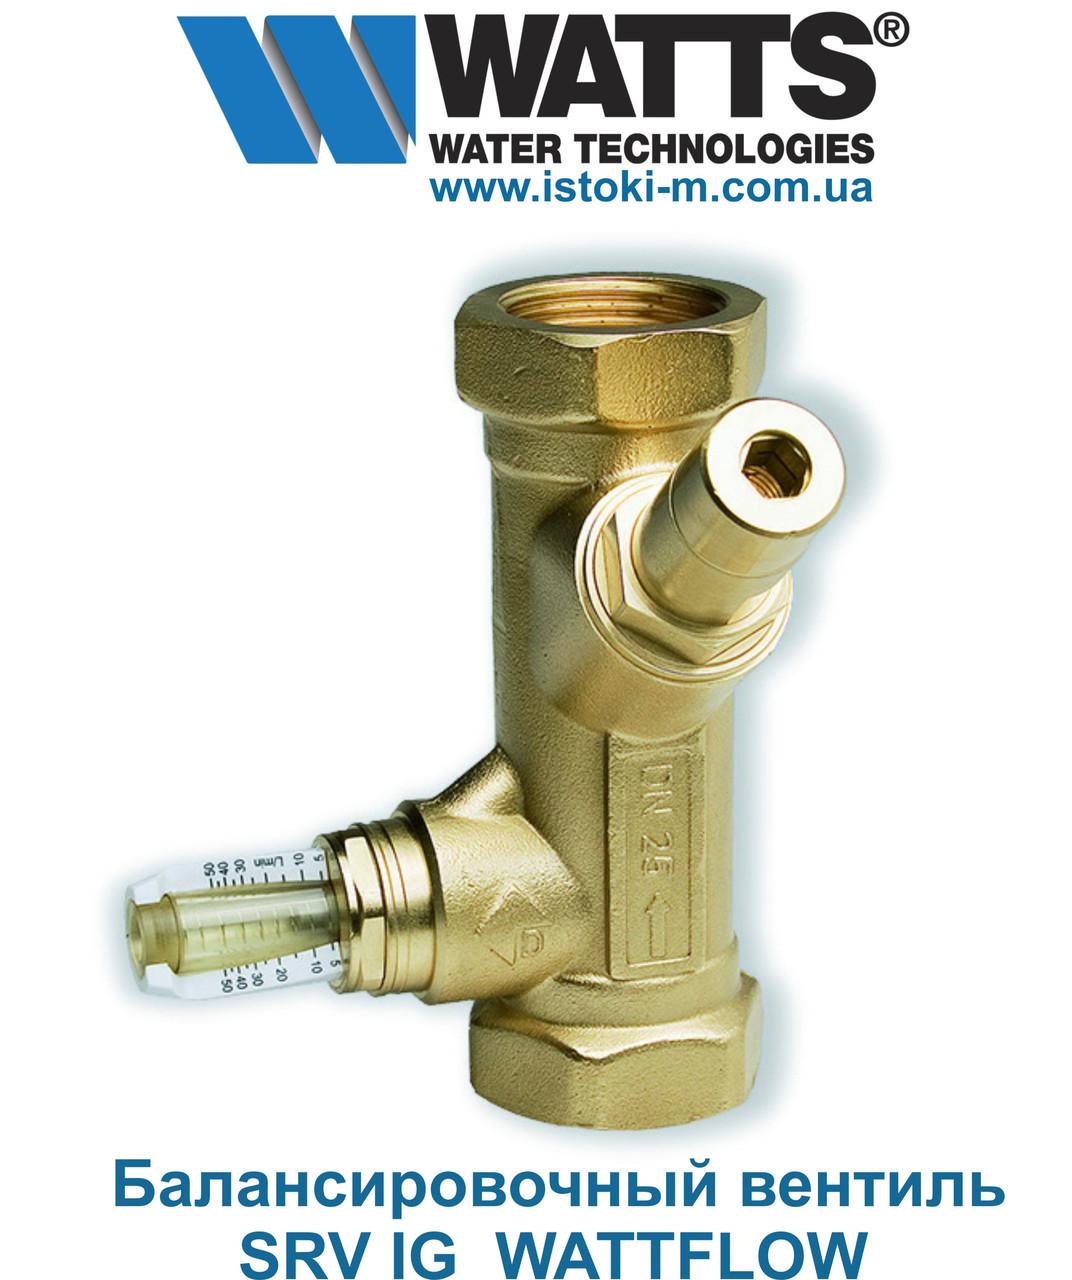 """Балансировочный вентиль WATTS SRV IG WattFlow со встроенным расходомером 1.1/2""""ВР DN40 15-120 л/мин, фото 1"""